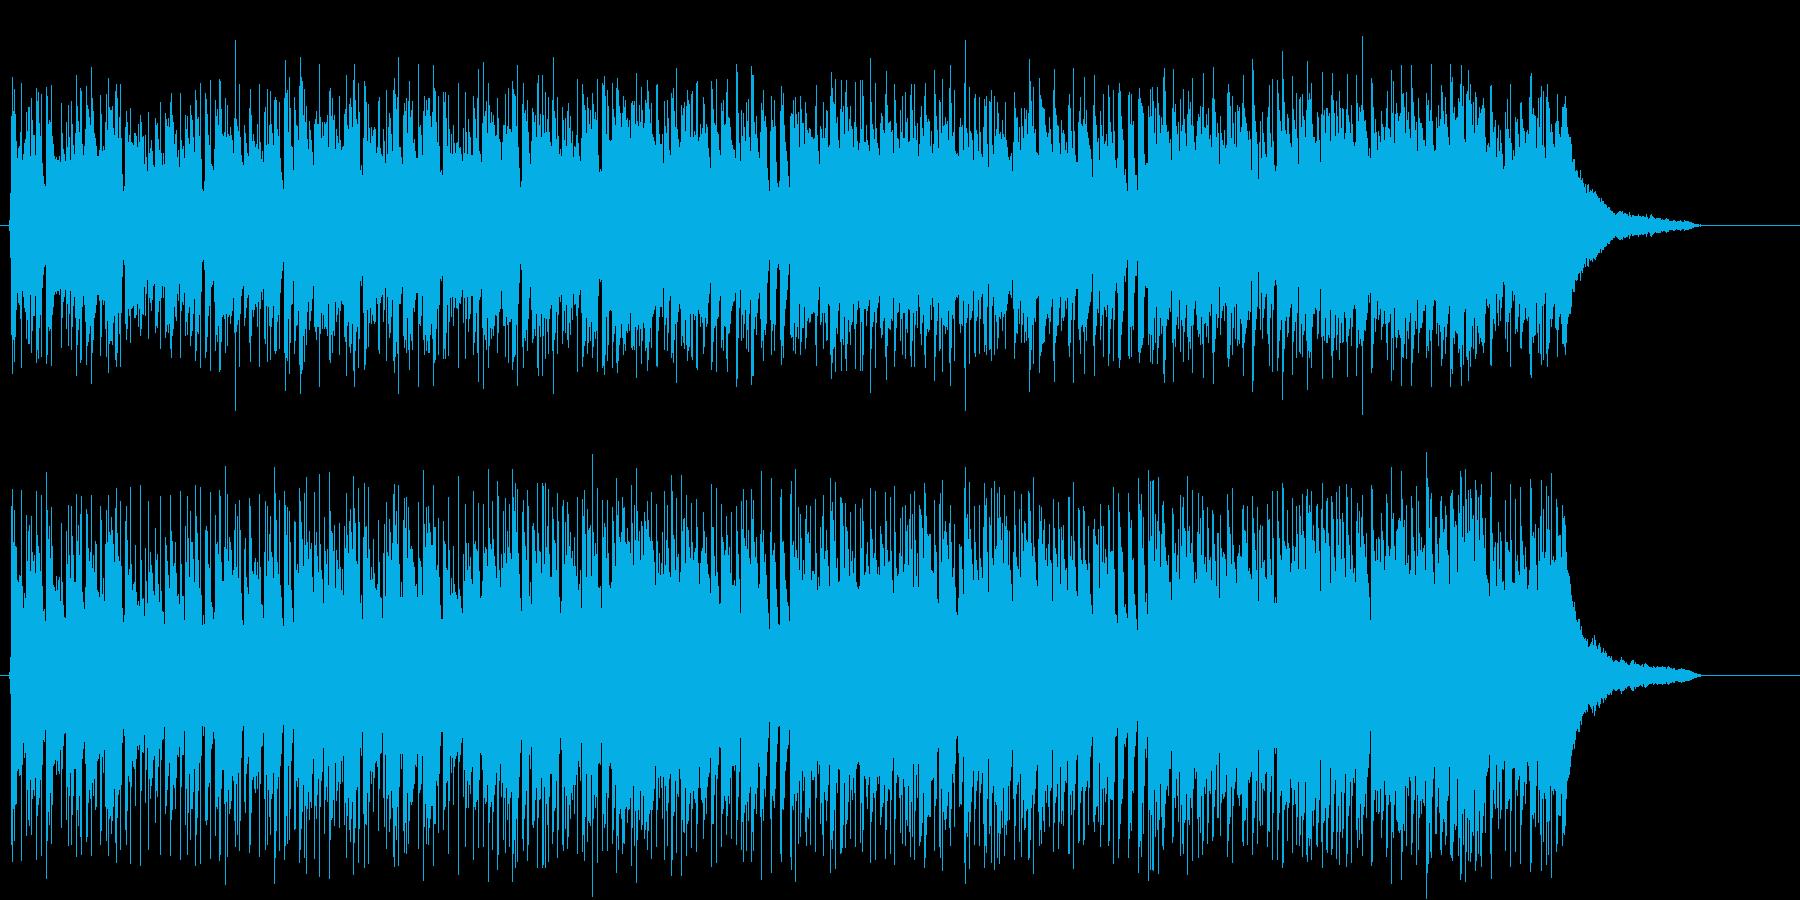 哀愁と期待のニューミュージック風ポップスの再生済みの波形